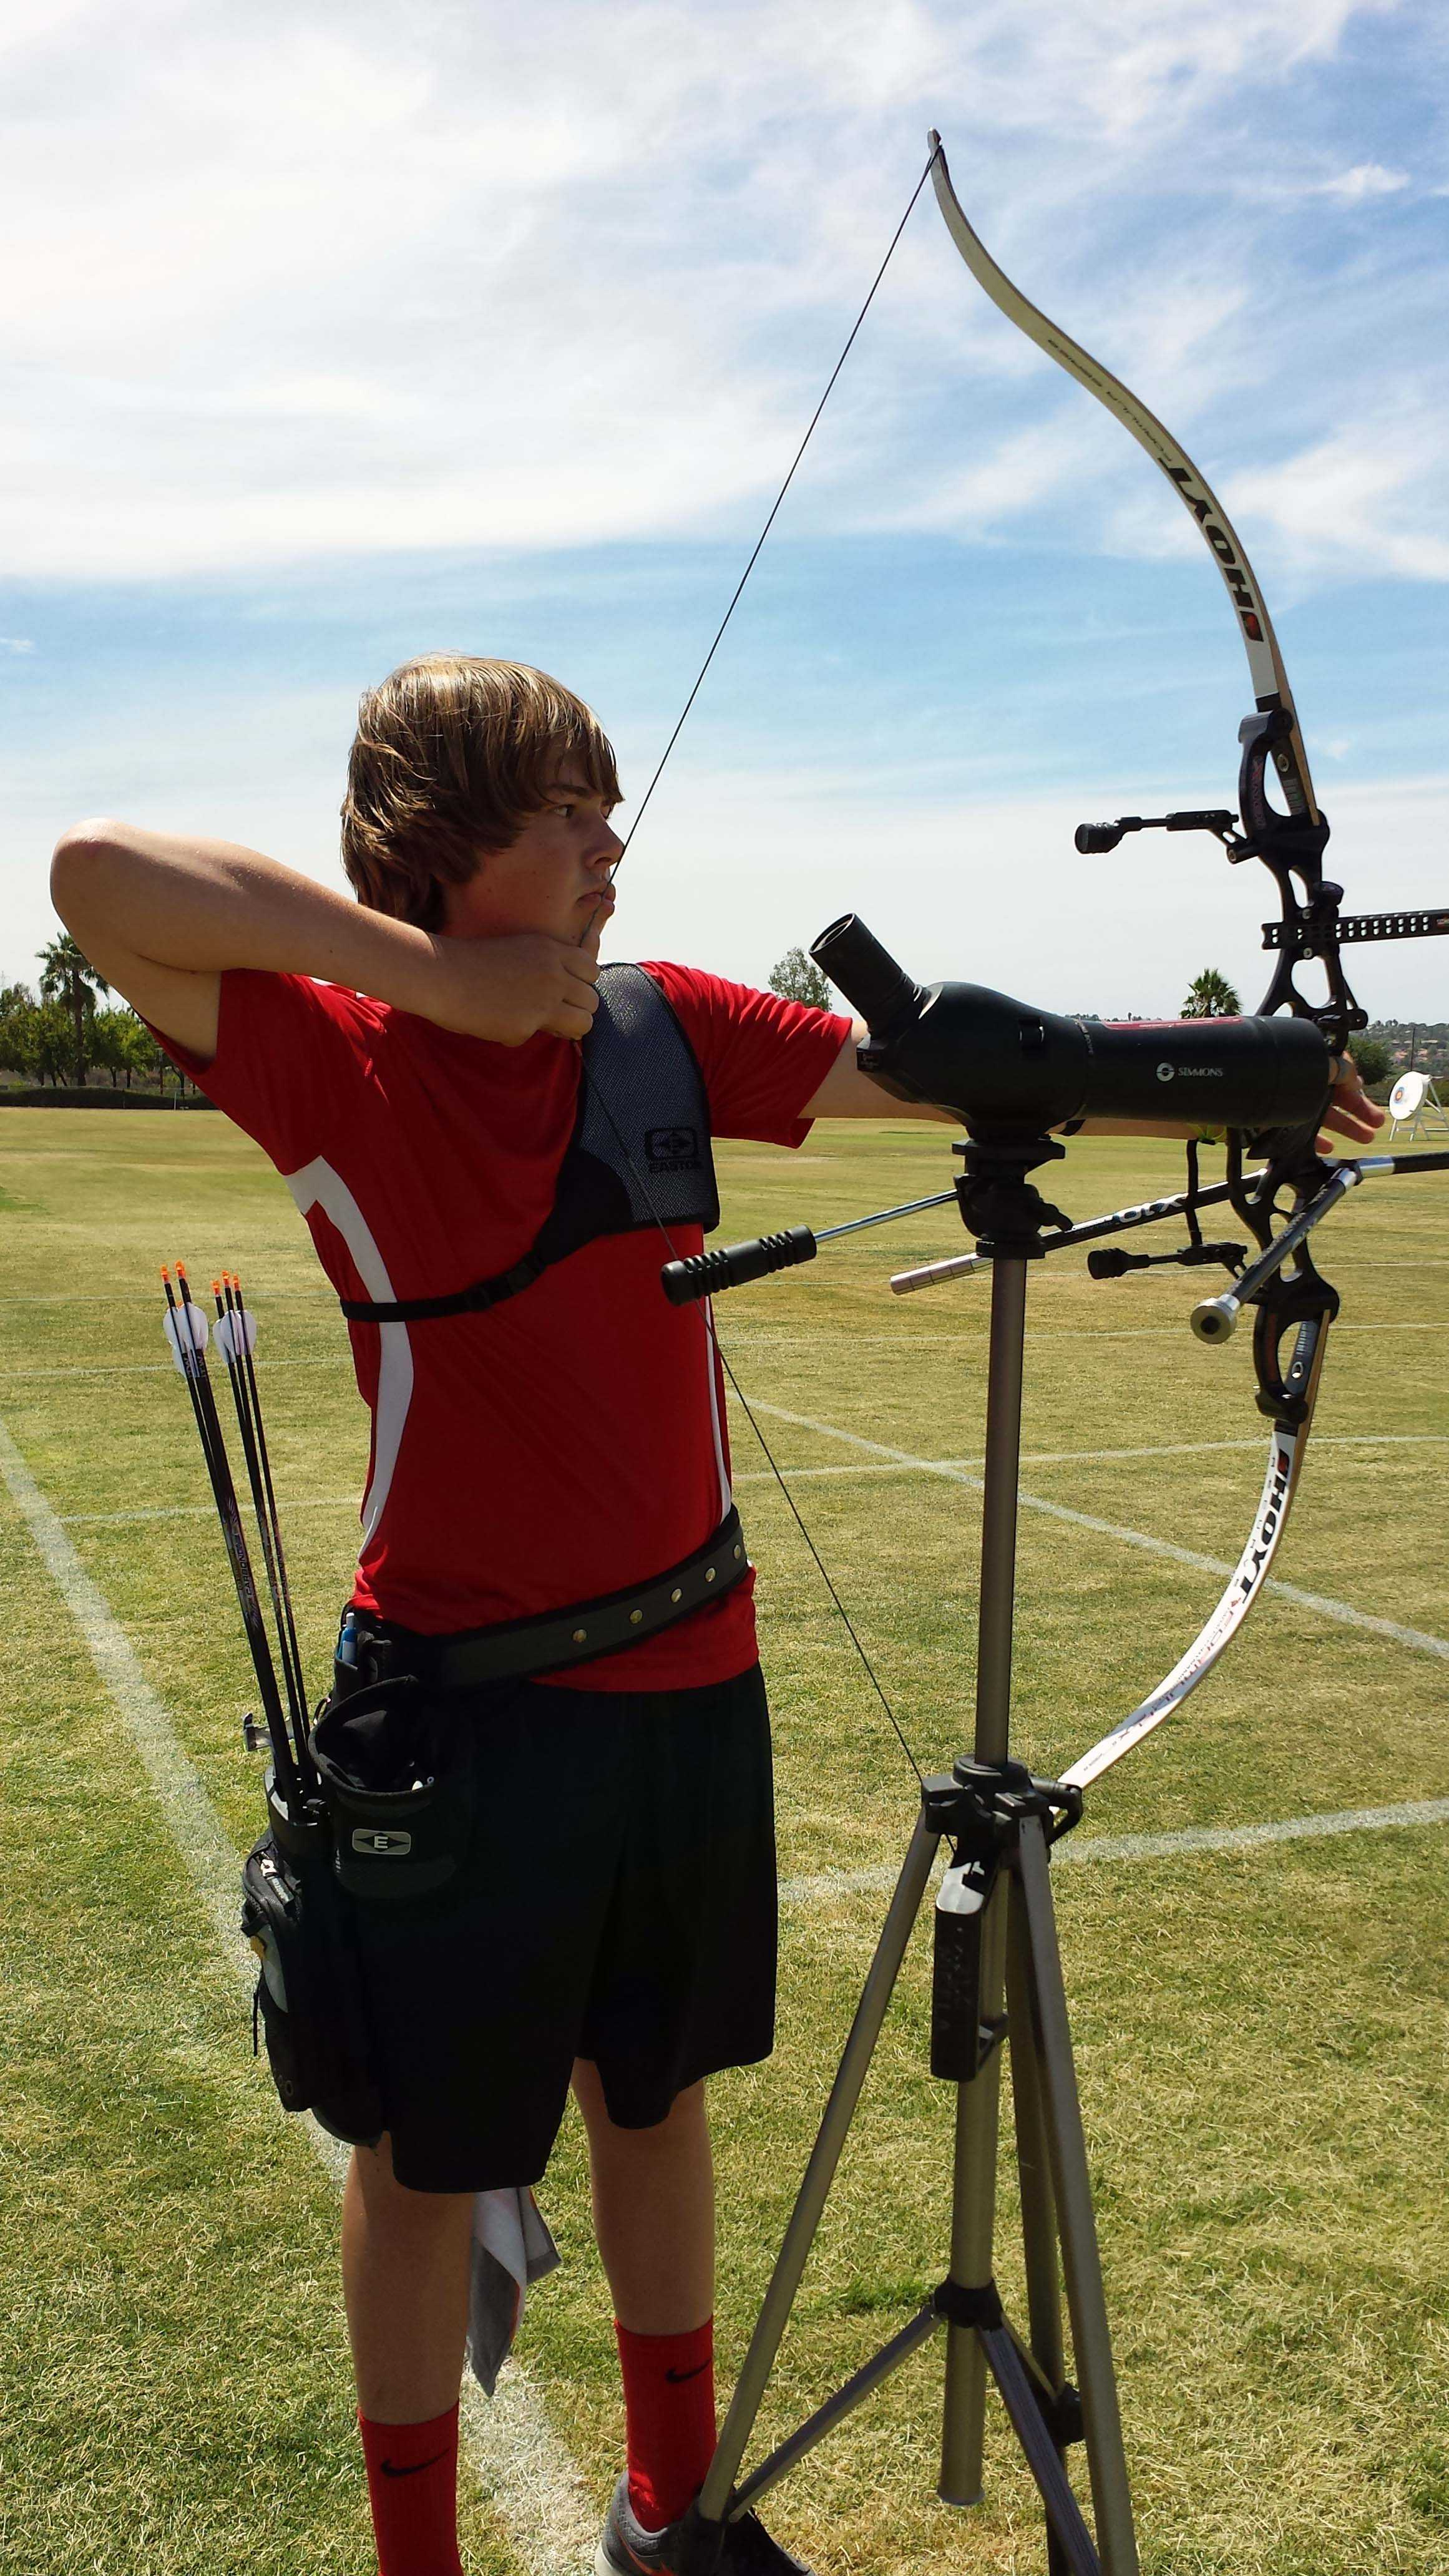 Jack Williams: the archer with the golden arrow – Golden Arrow